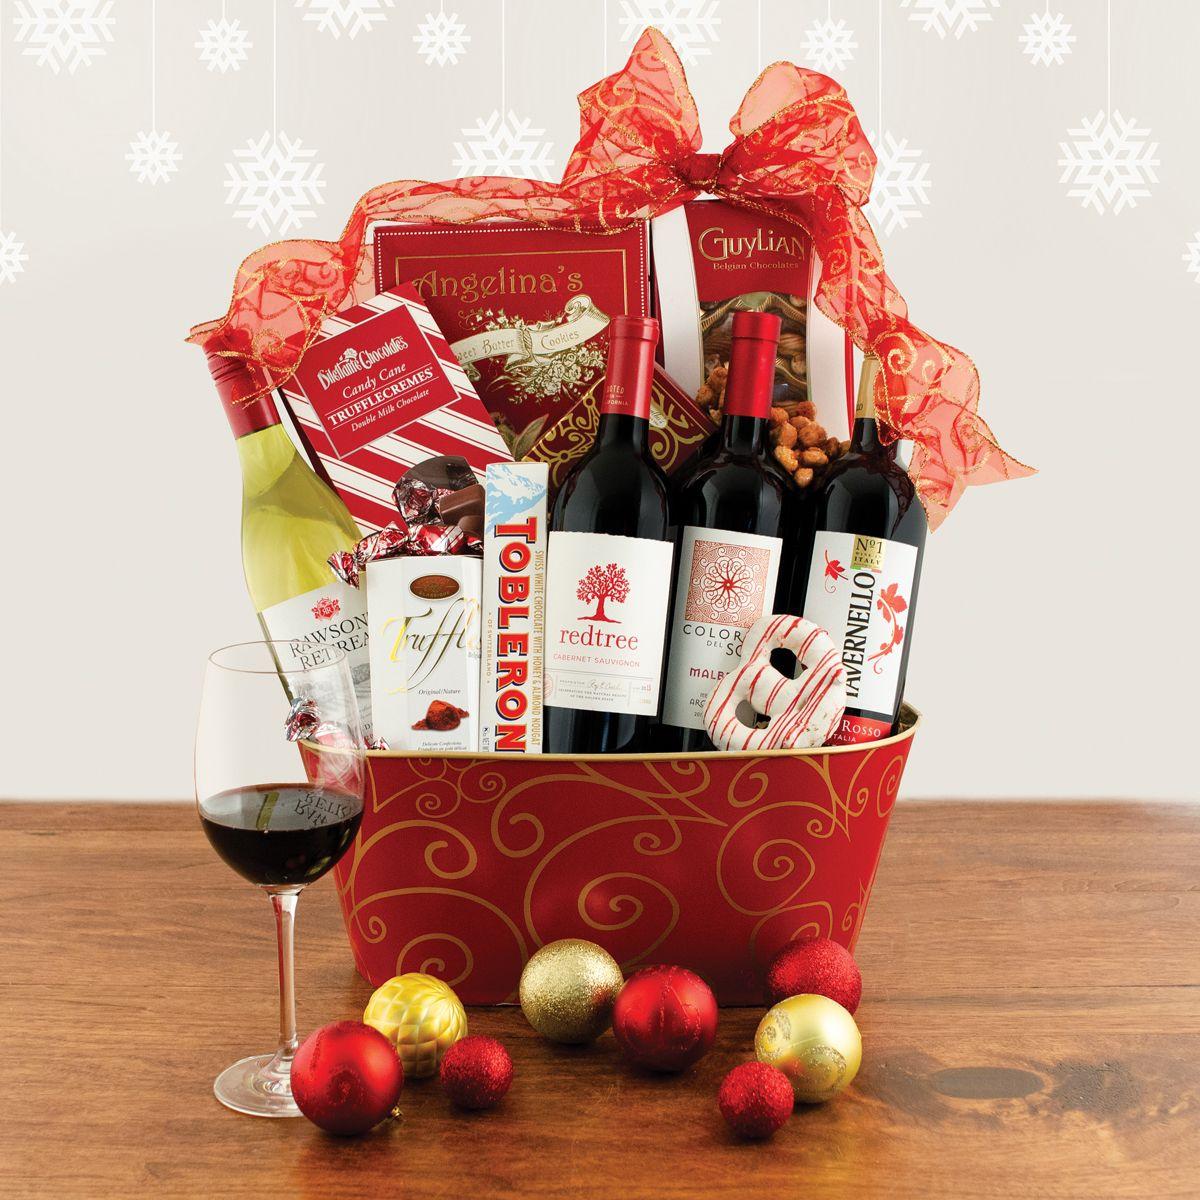 Christmas Wonder Wine Quartet Gift Basket Fruit Basket Gift Christmas Gift Baskets Christmas Gift Basket